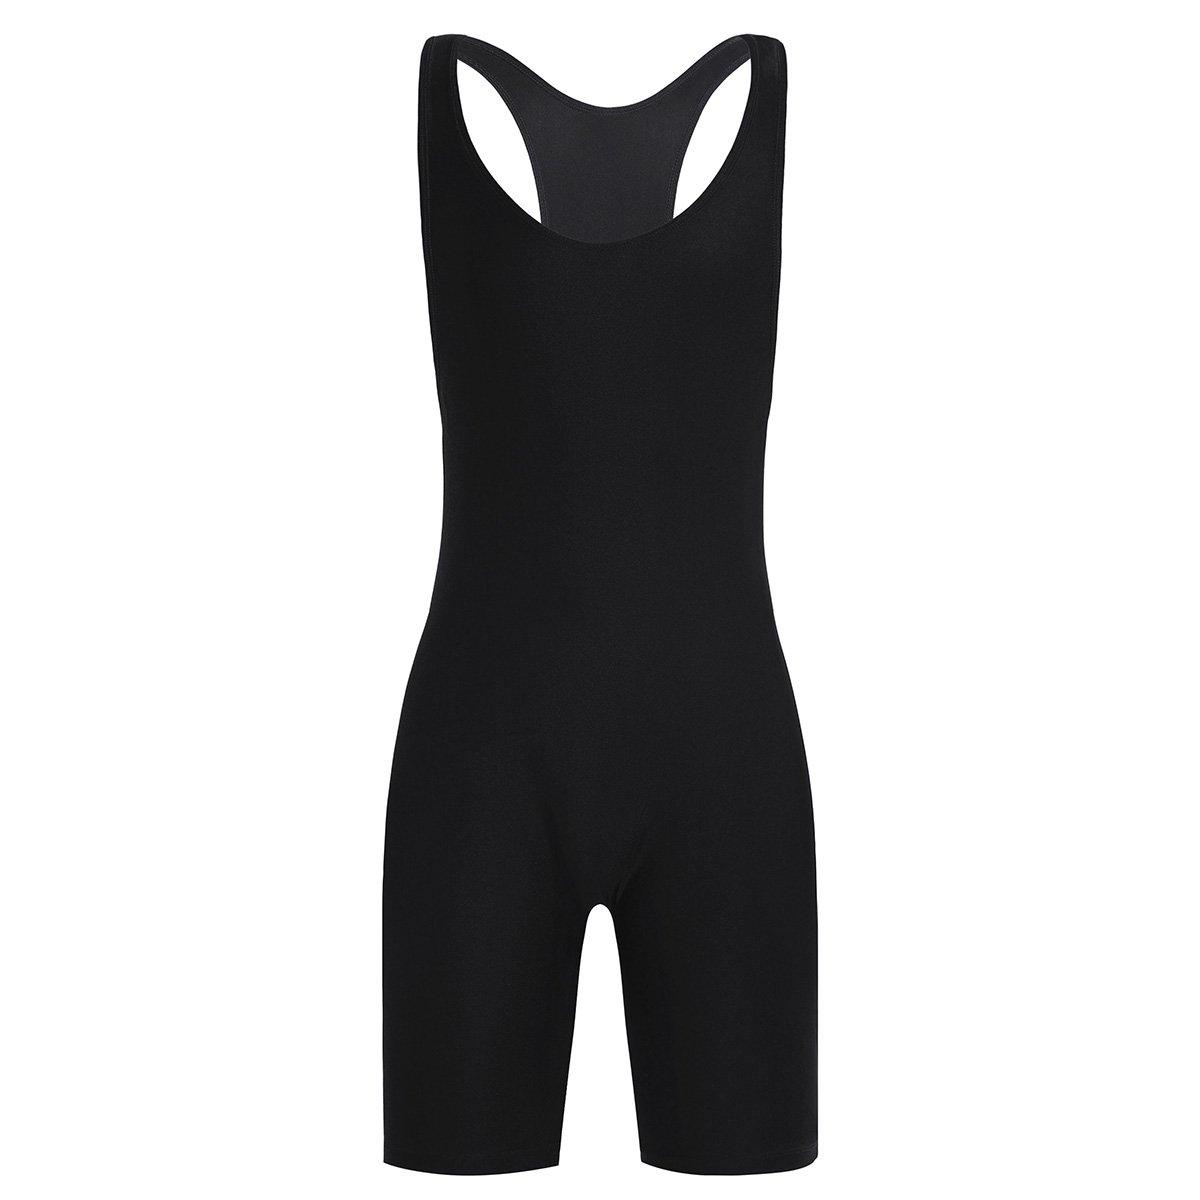 FEESHOW Men's Wrestling Singlet One Piece Sport Bodysuit Leotard Gym Outfit Underwear Black X-Large